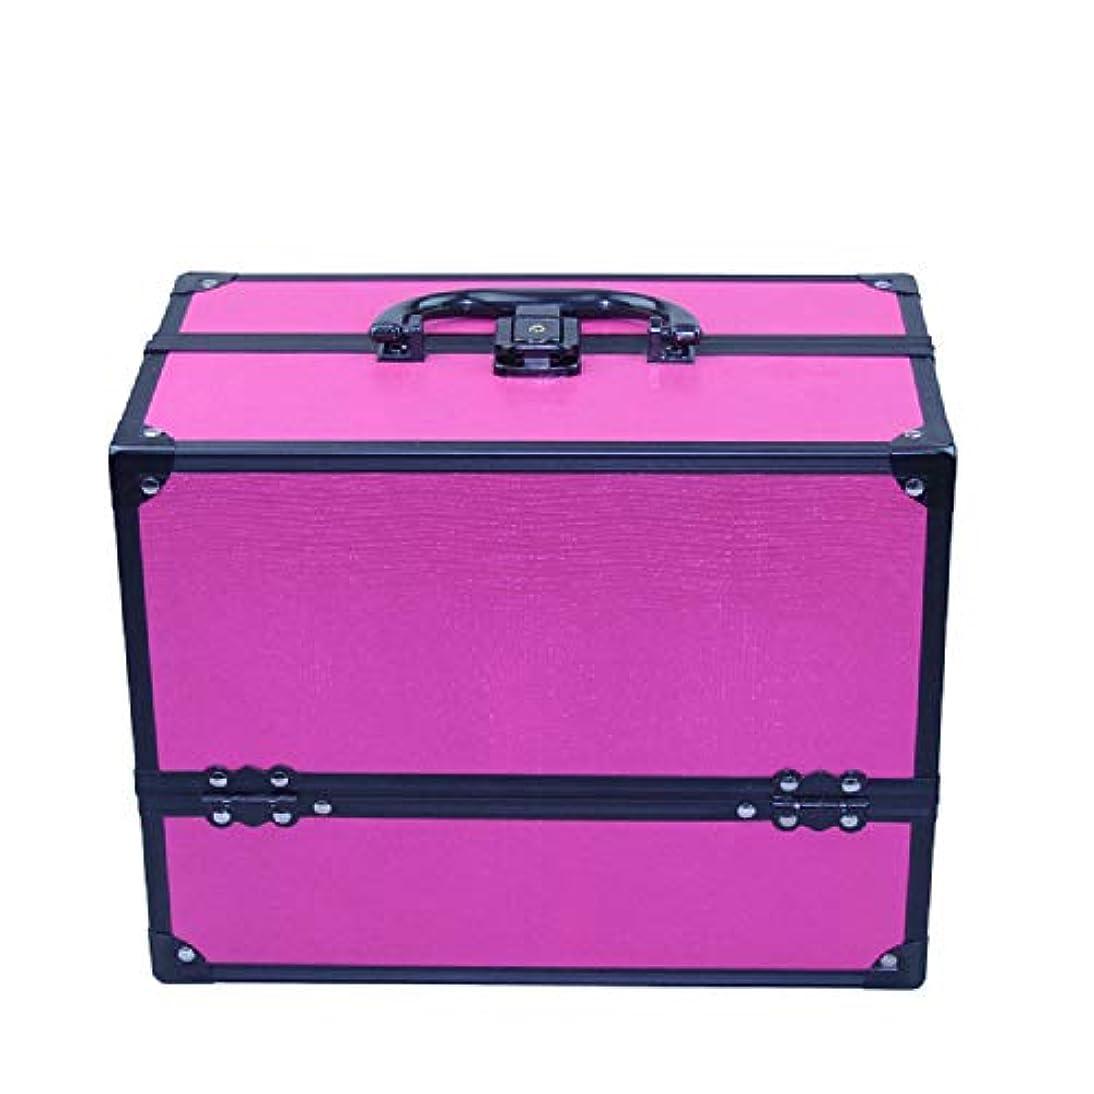 プレーヤー備品ゲスト化粧オーガナイザーバッグ 純粋な色のポータブル化粧品ケーストラベルアクセサリーシャンプーボディウォッシュパーソナルアイテムストレージロックとスライディングトレイ 化粧品ケース